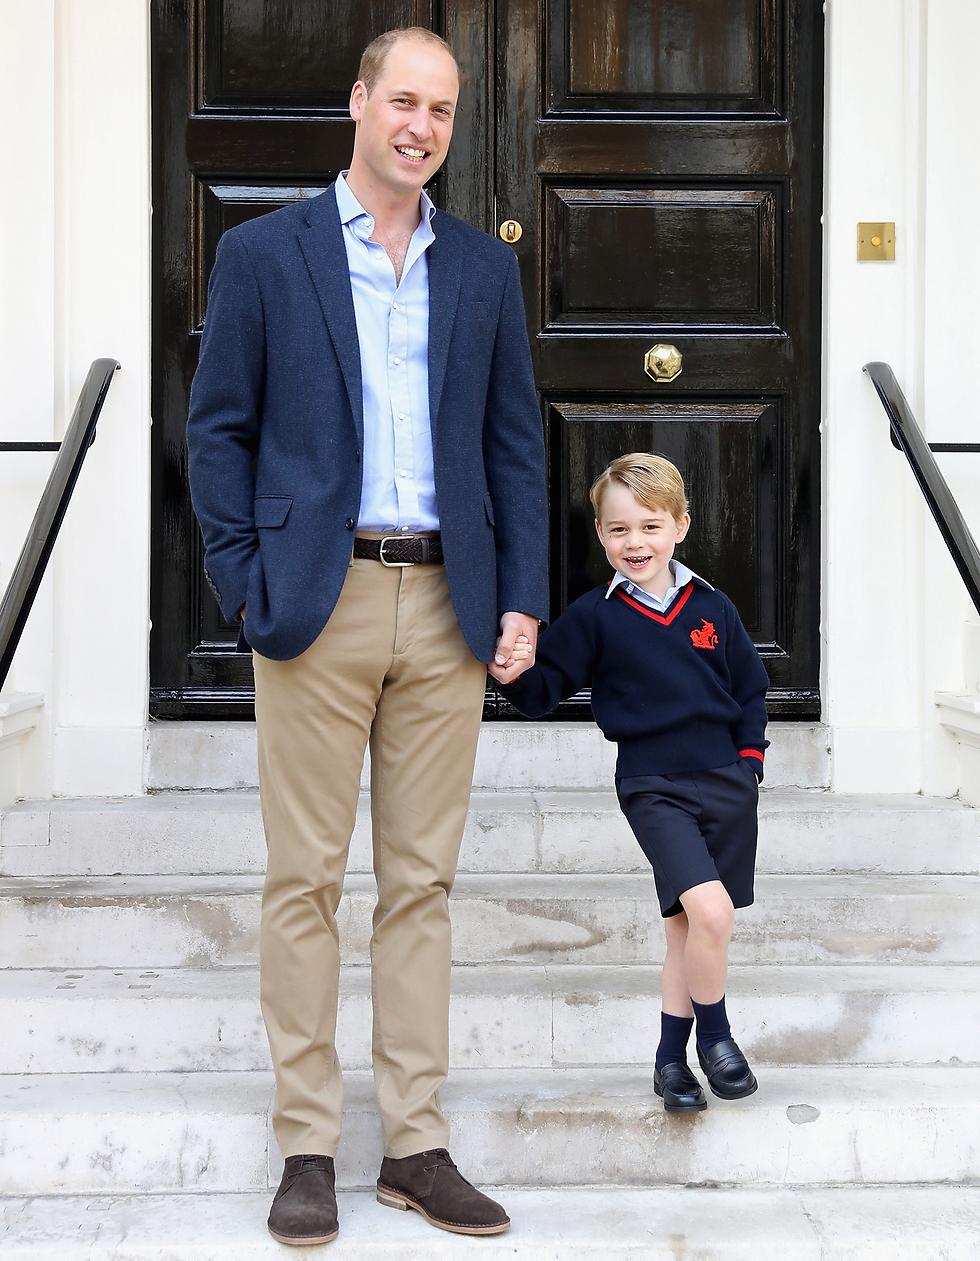 הנסיך וויליאם מלווה את בנו לגן בשבוע שעבר (צילום: gettyimages)